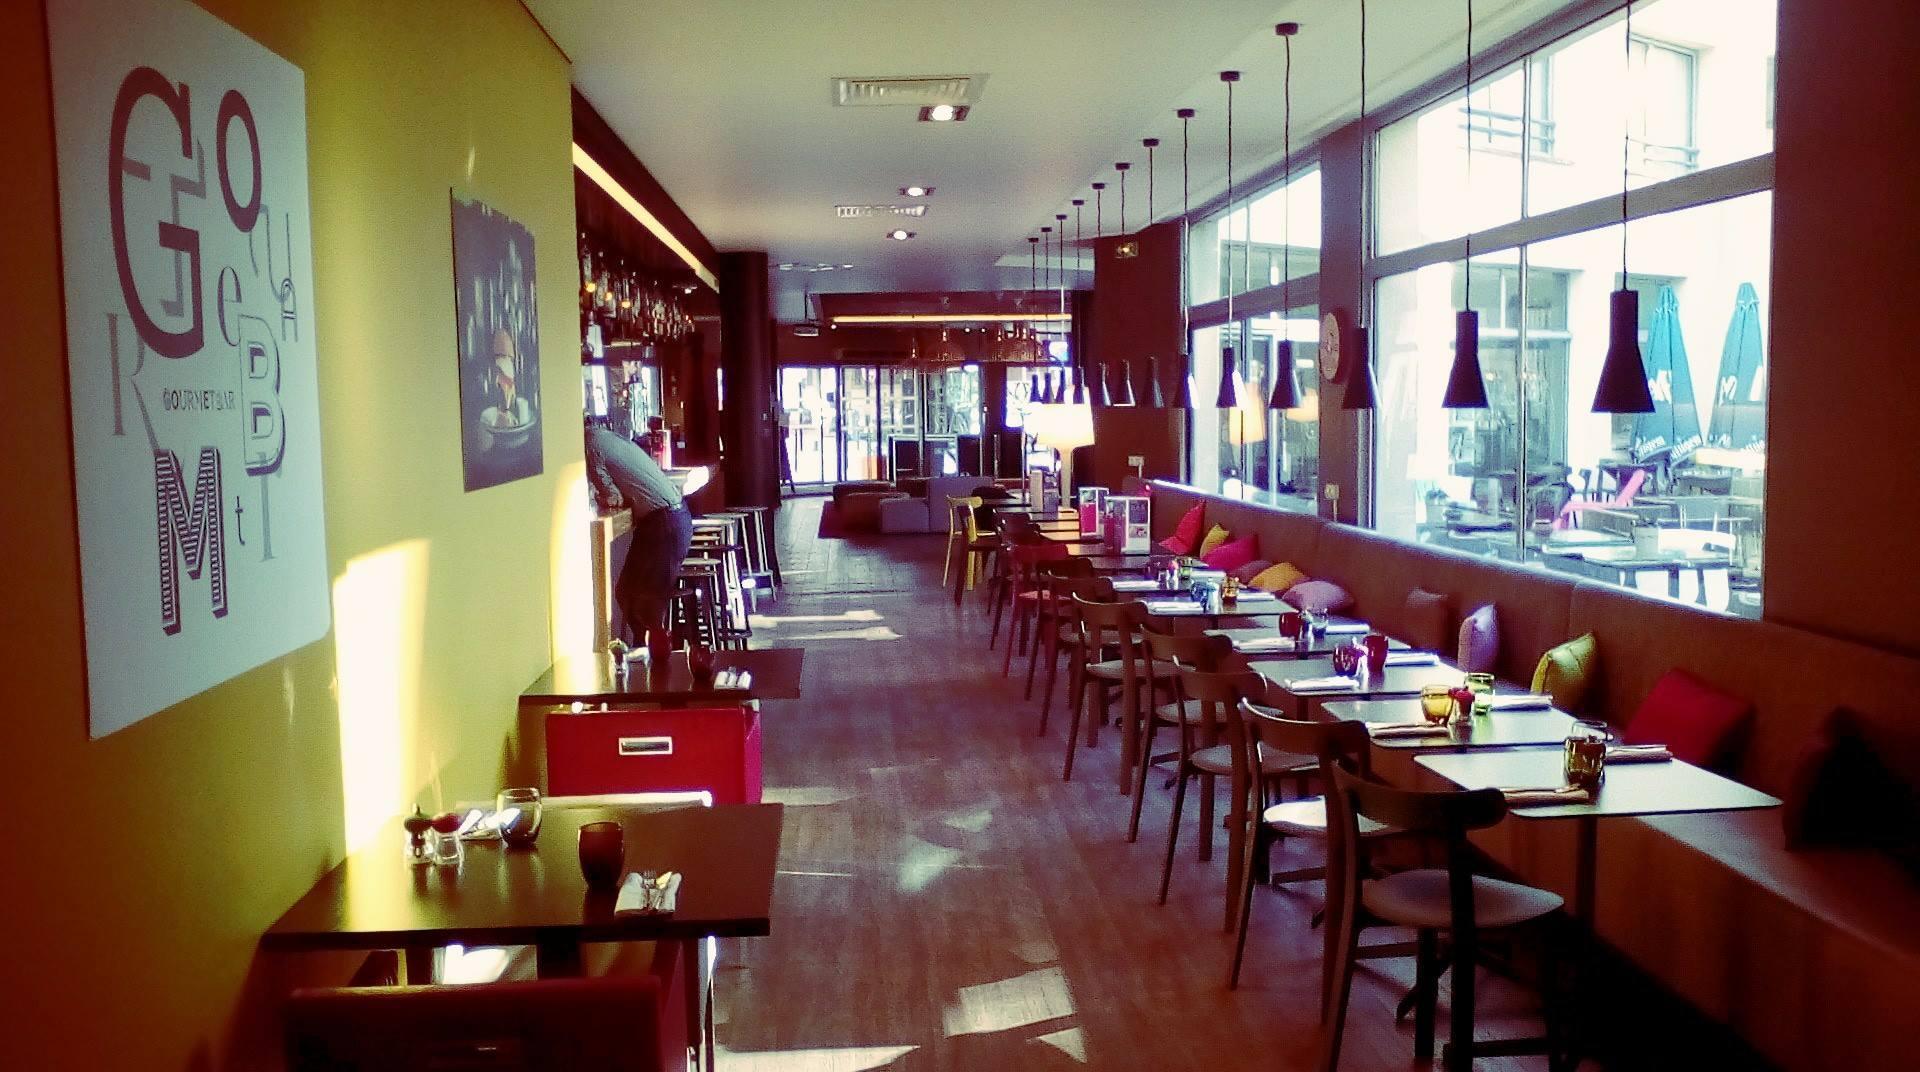 Image Le Gourmet bar - Restopolitan - Offre : Formule du jour : Plat du jour + café du jour